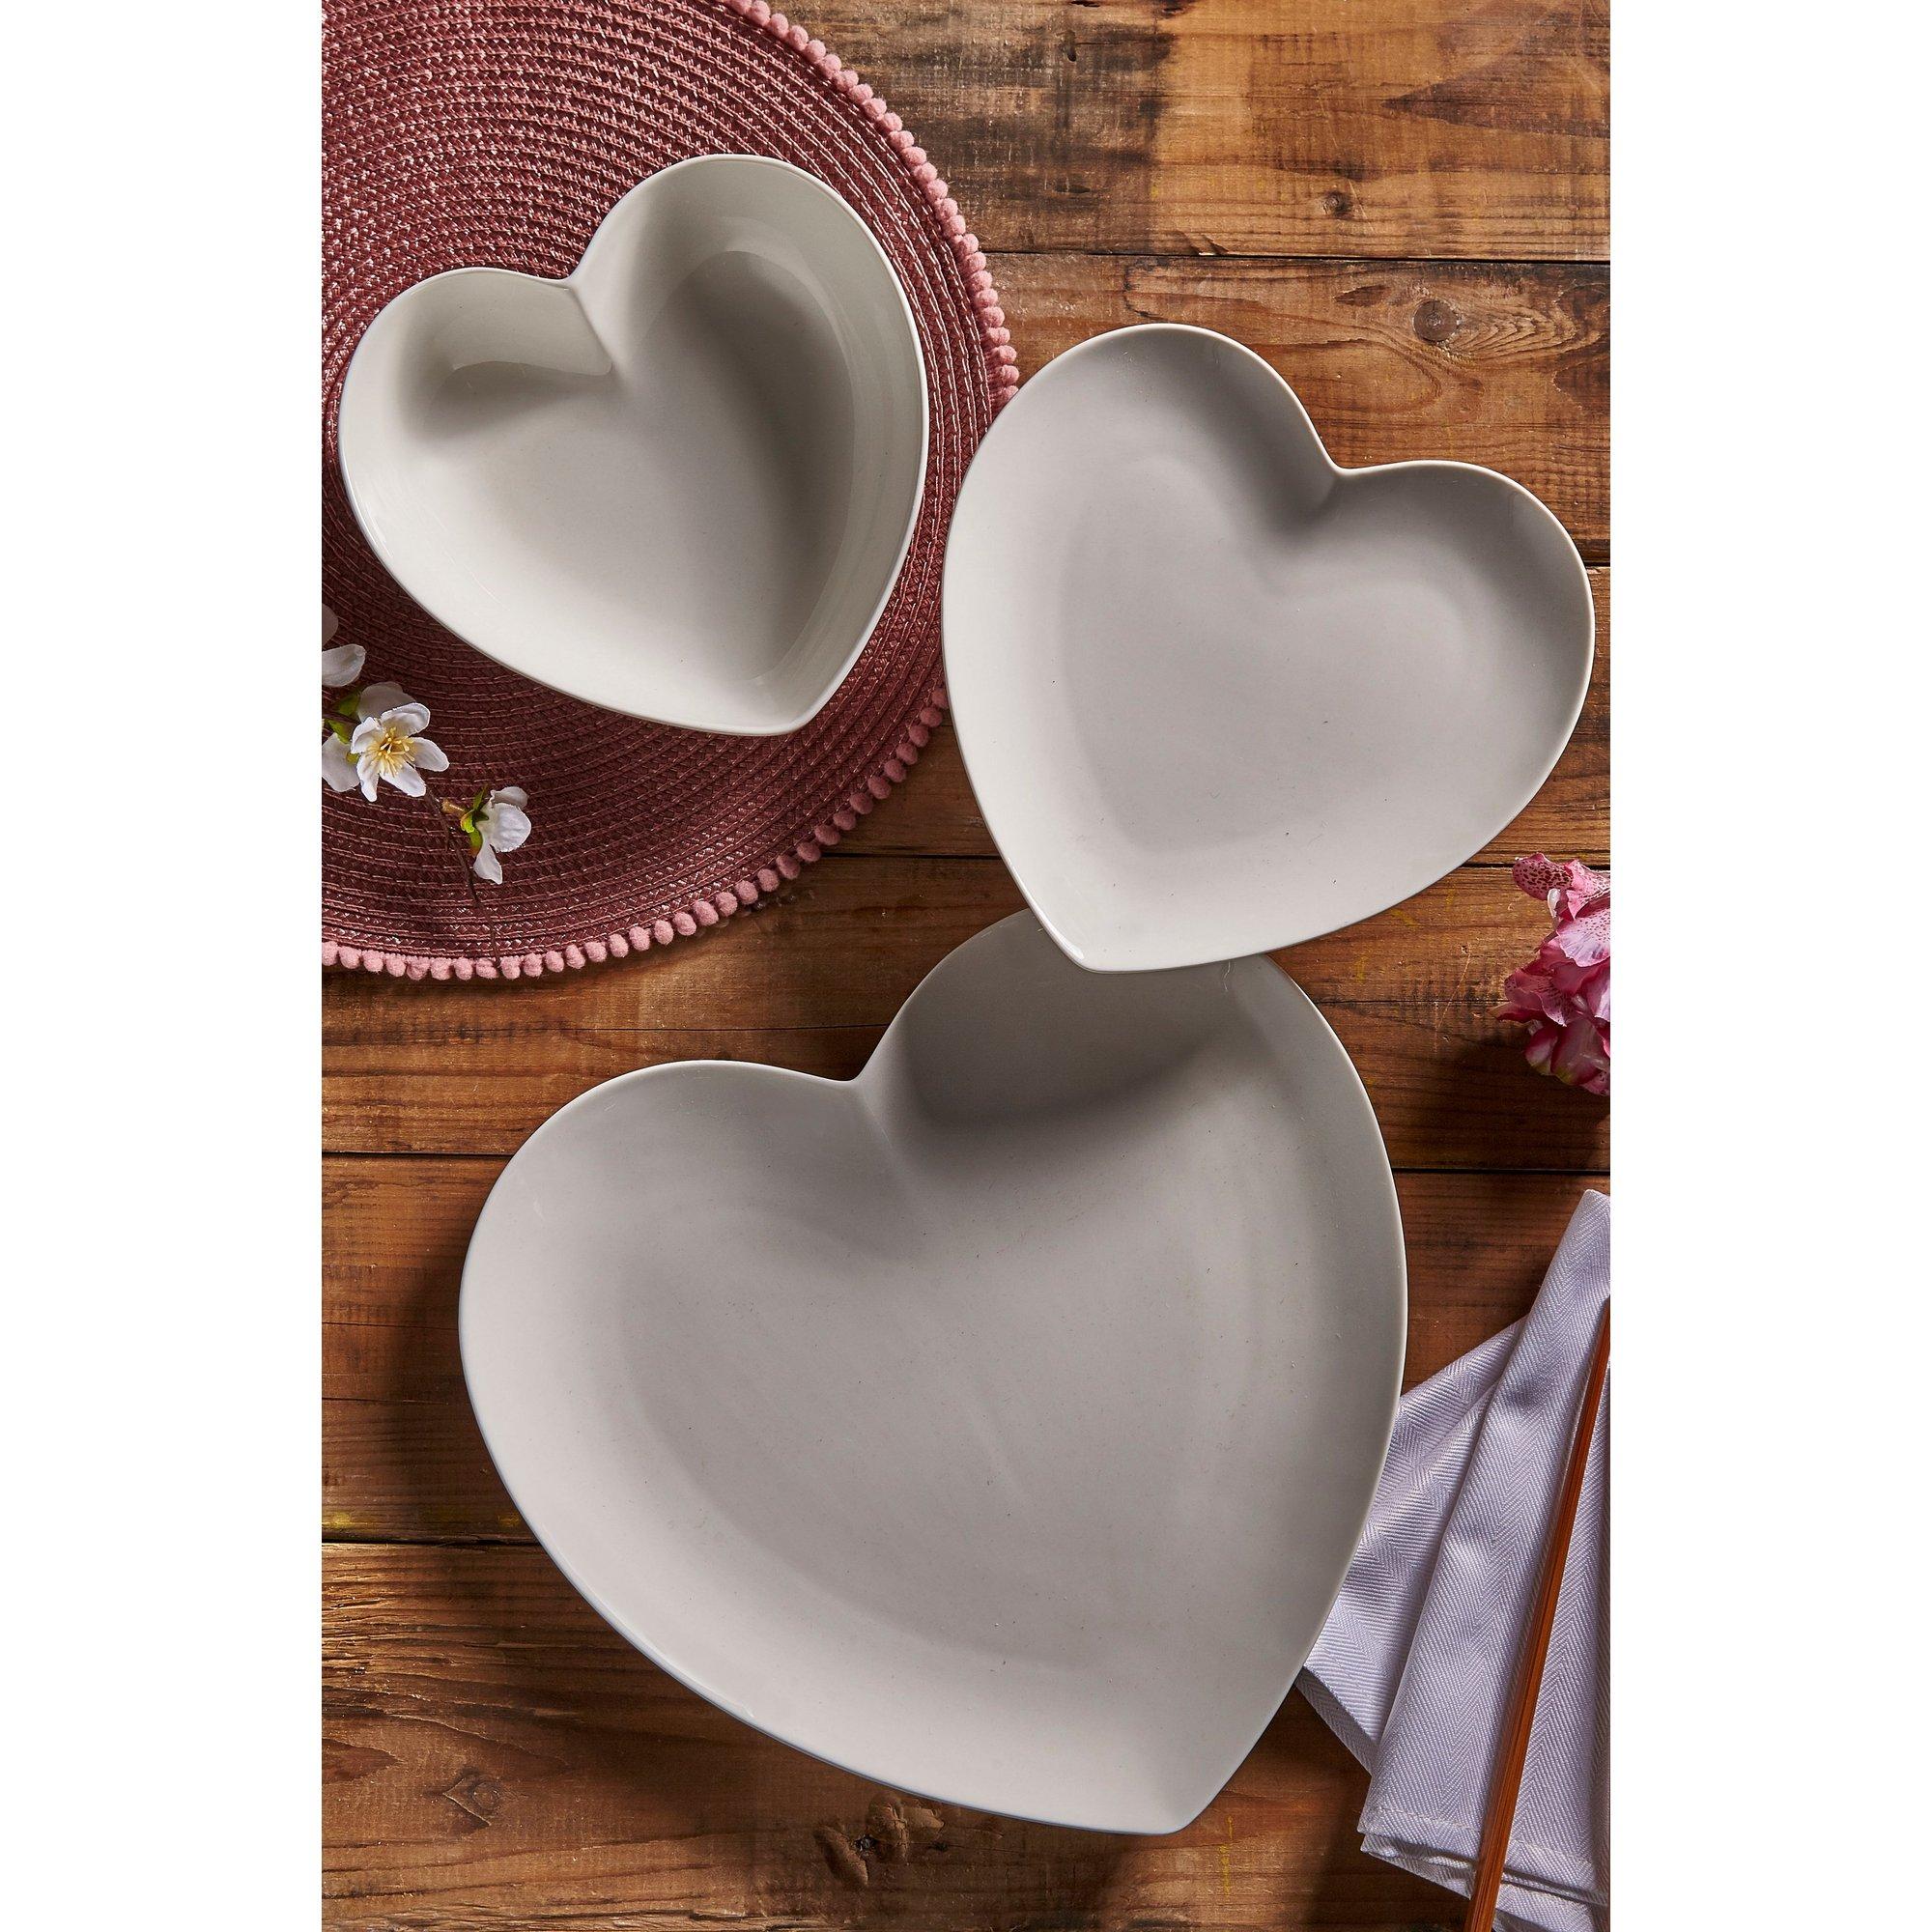 Image of 12 Piece Porcelain Heart Dinner Set